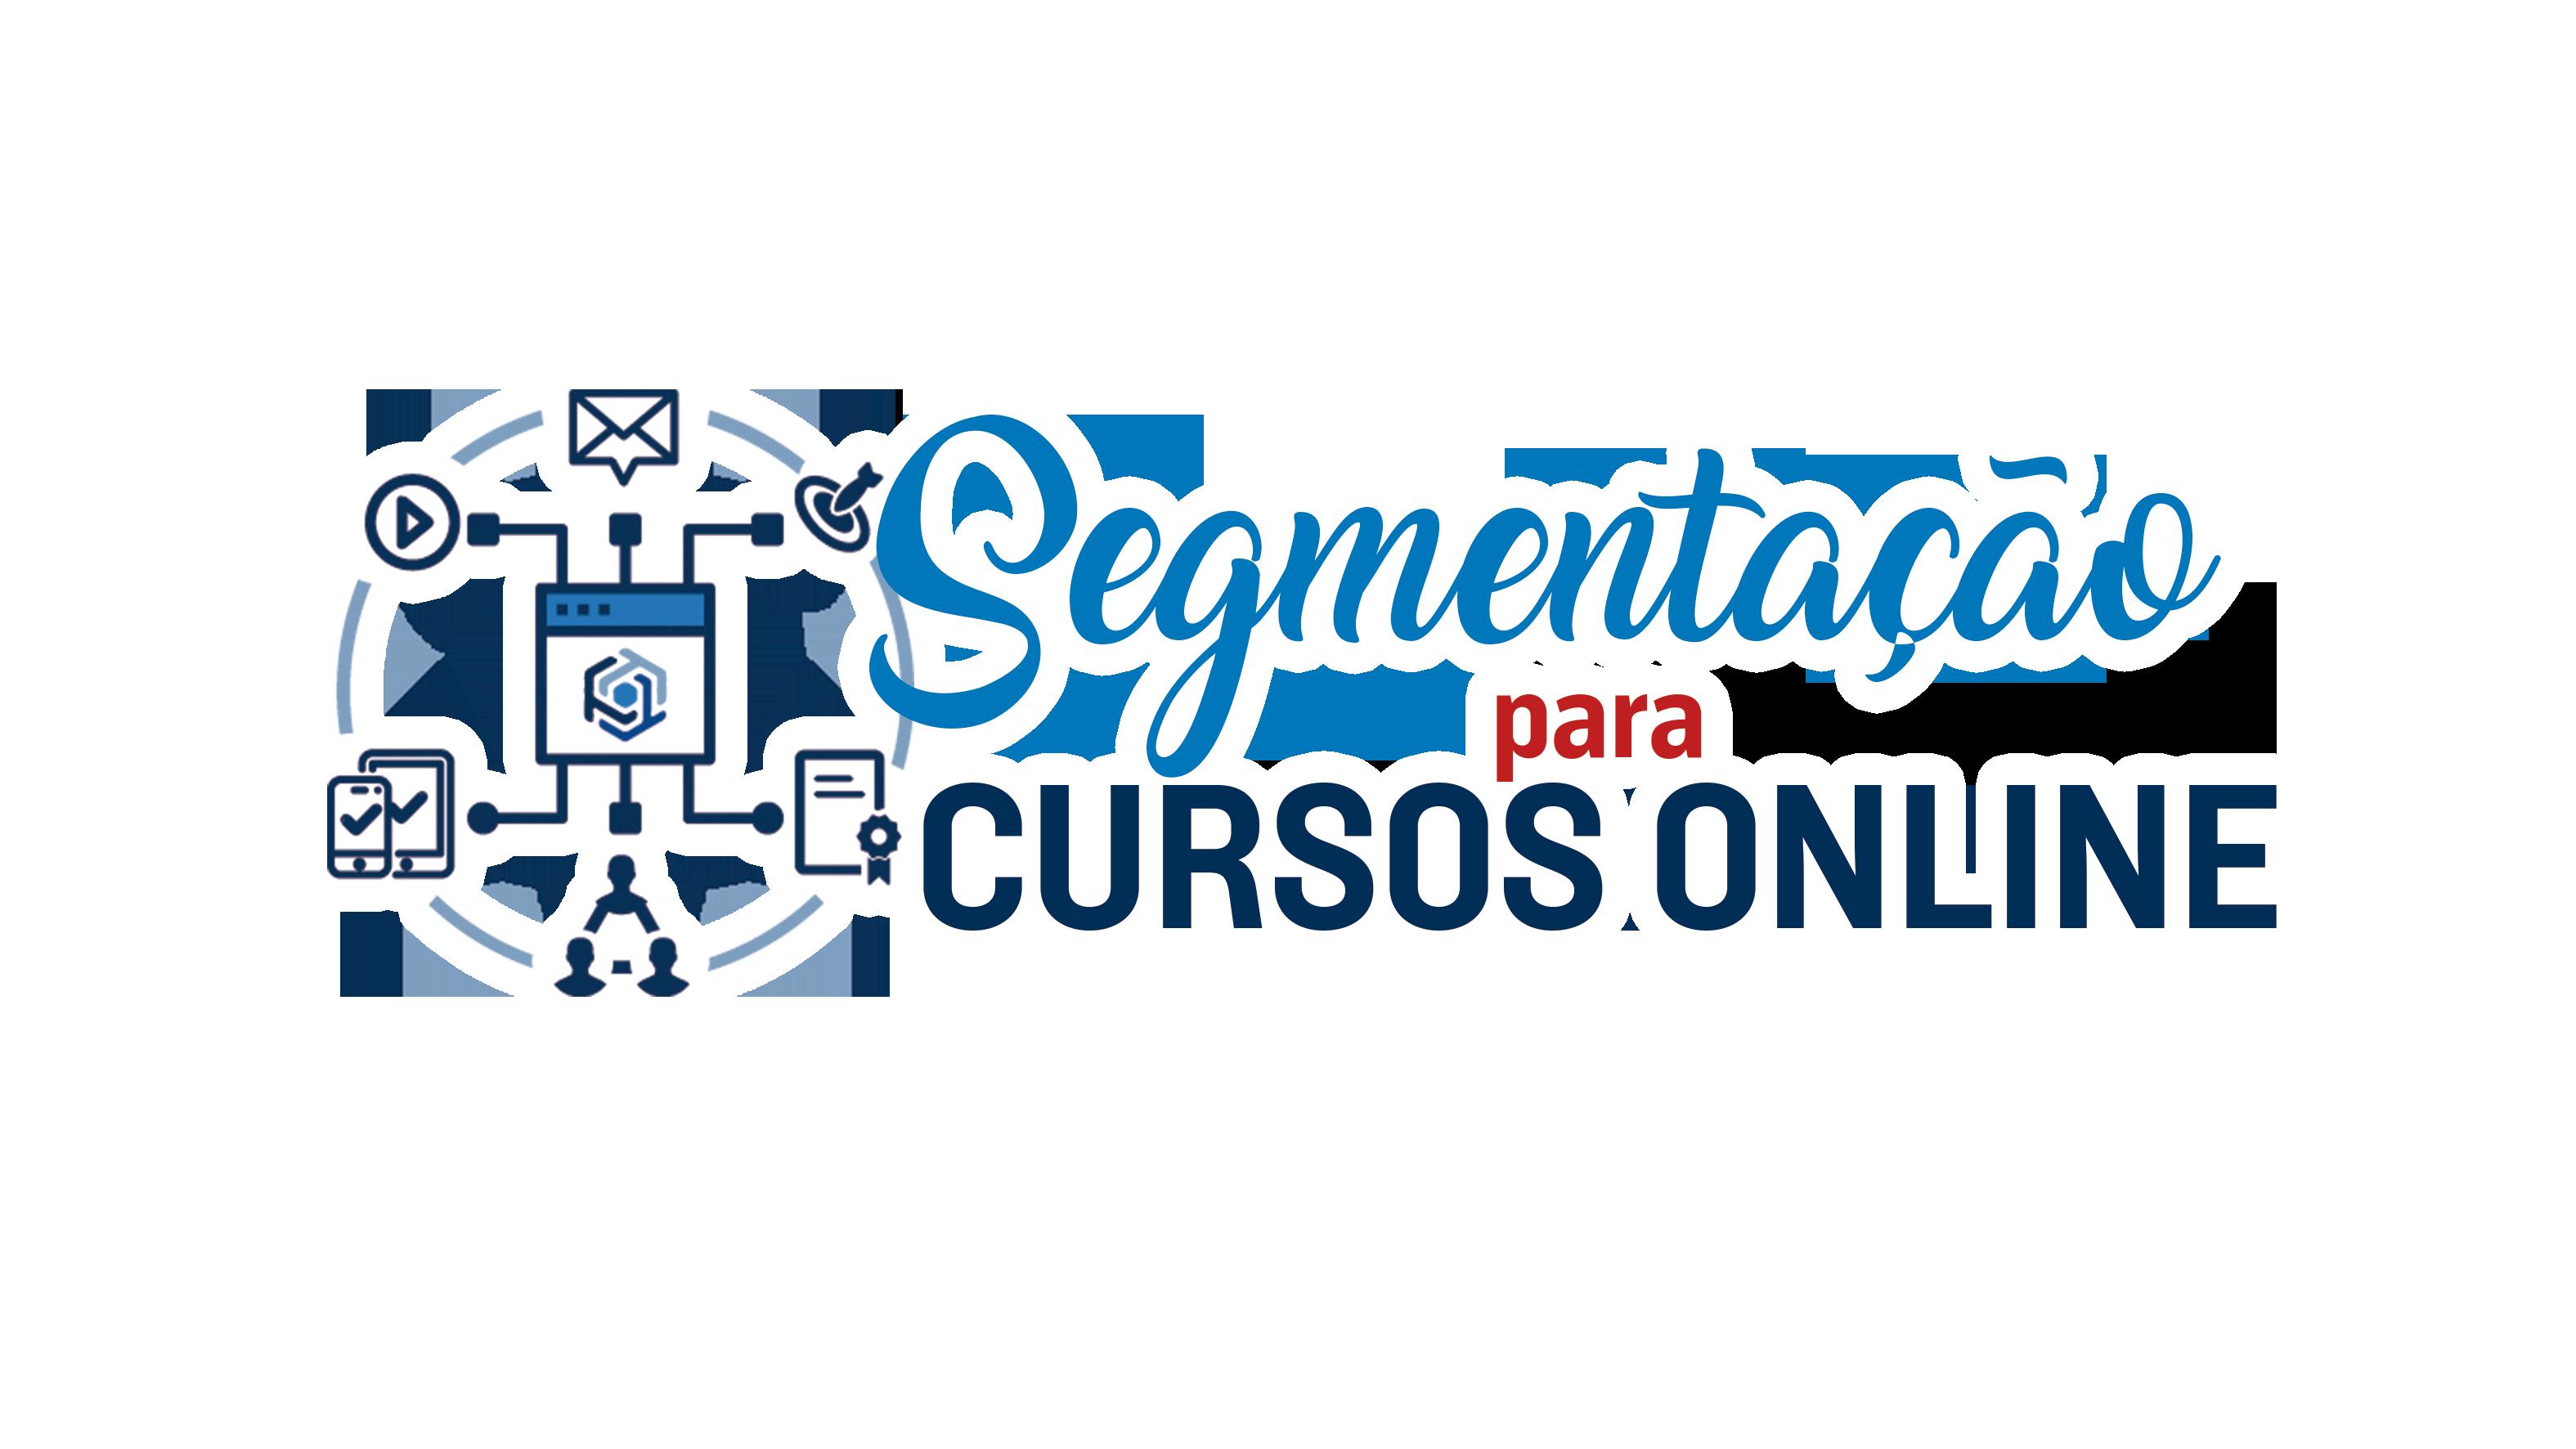 Segmentação para Cursos Online